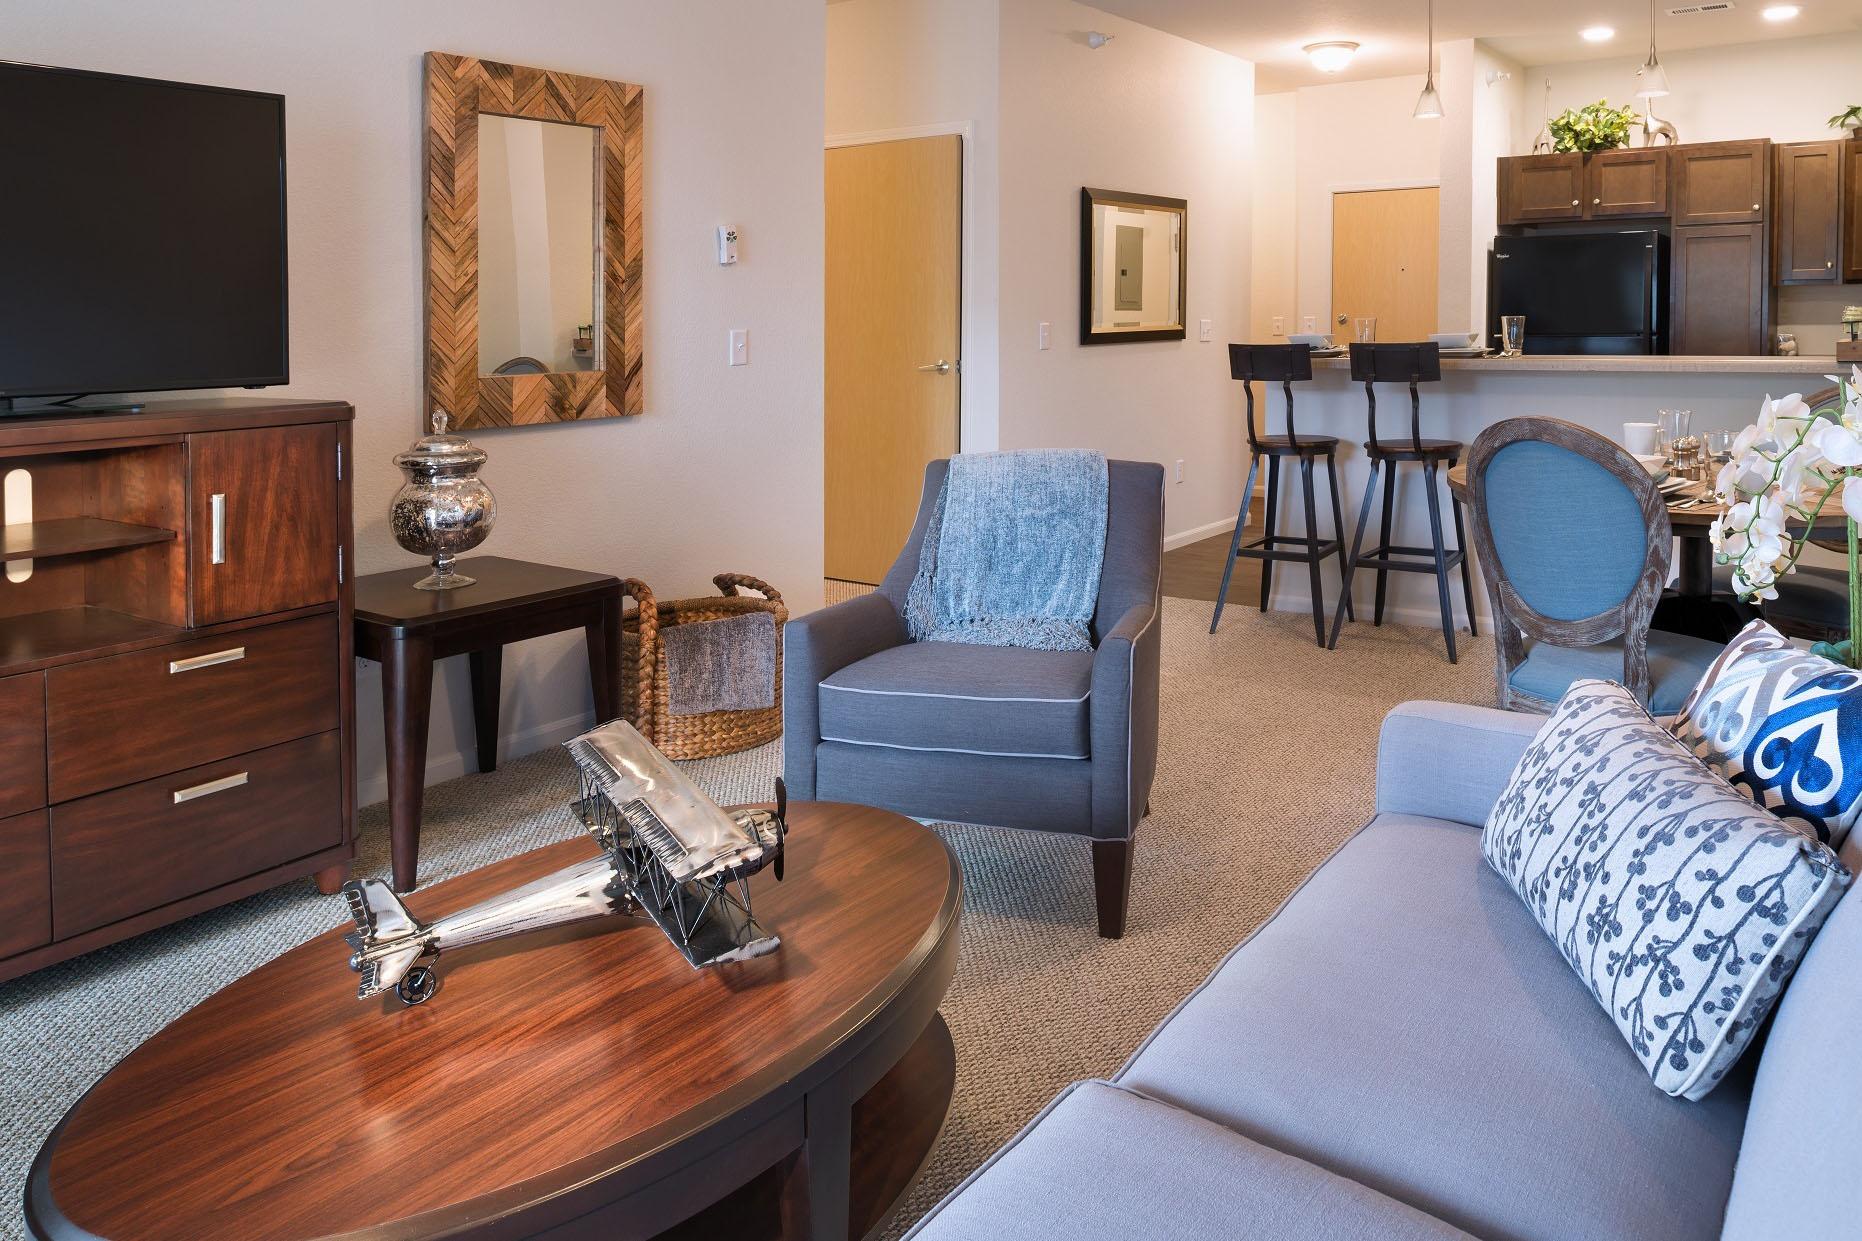 North-Dakota-1500-dollar-rent